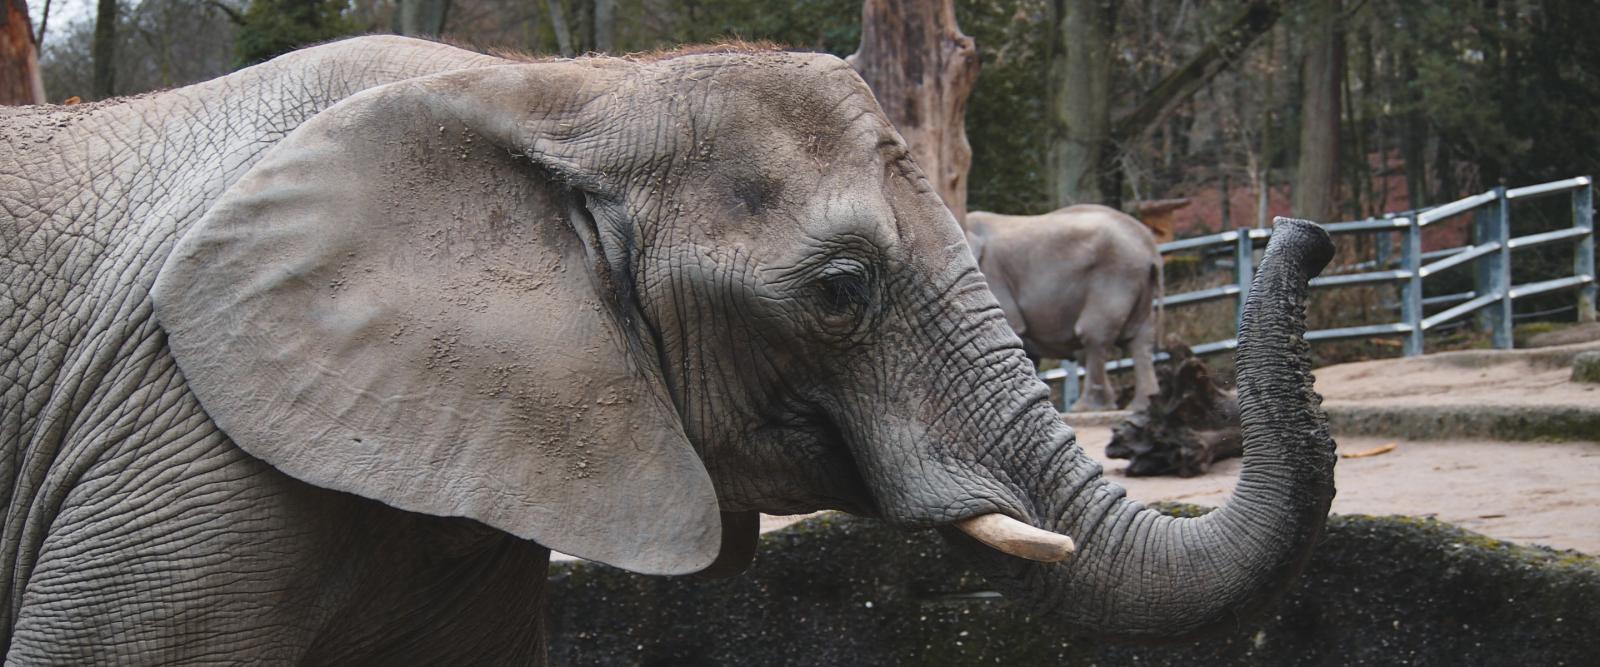 Düsseldorf Ausflug Zoo Wuppertal DriveNow Carsharing